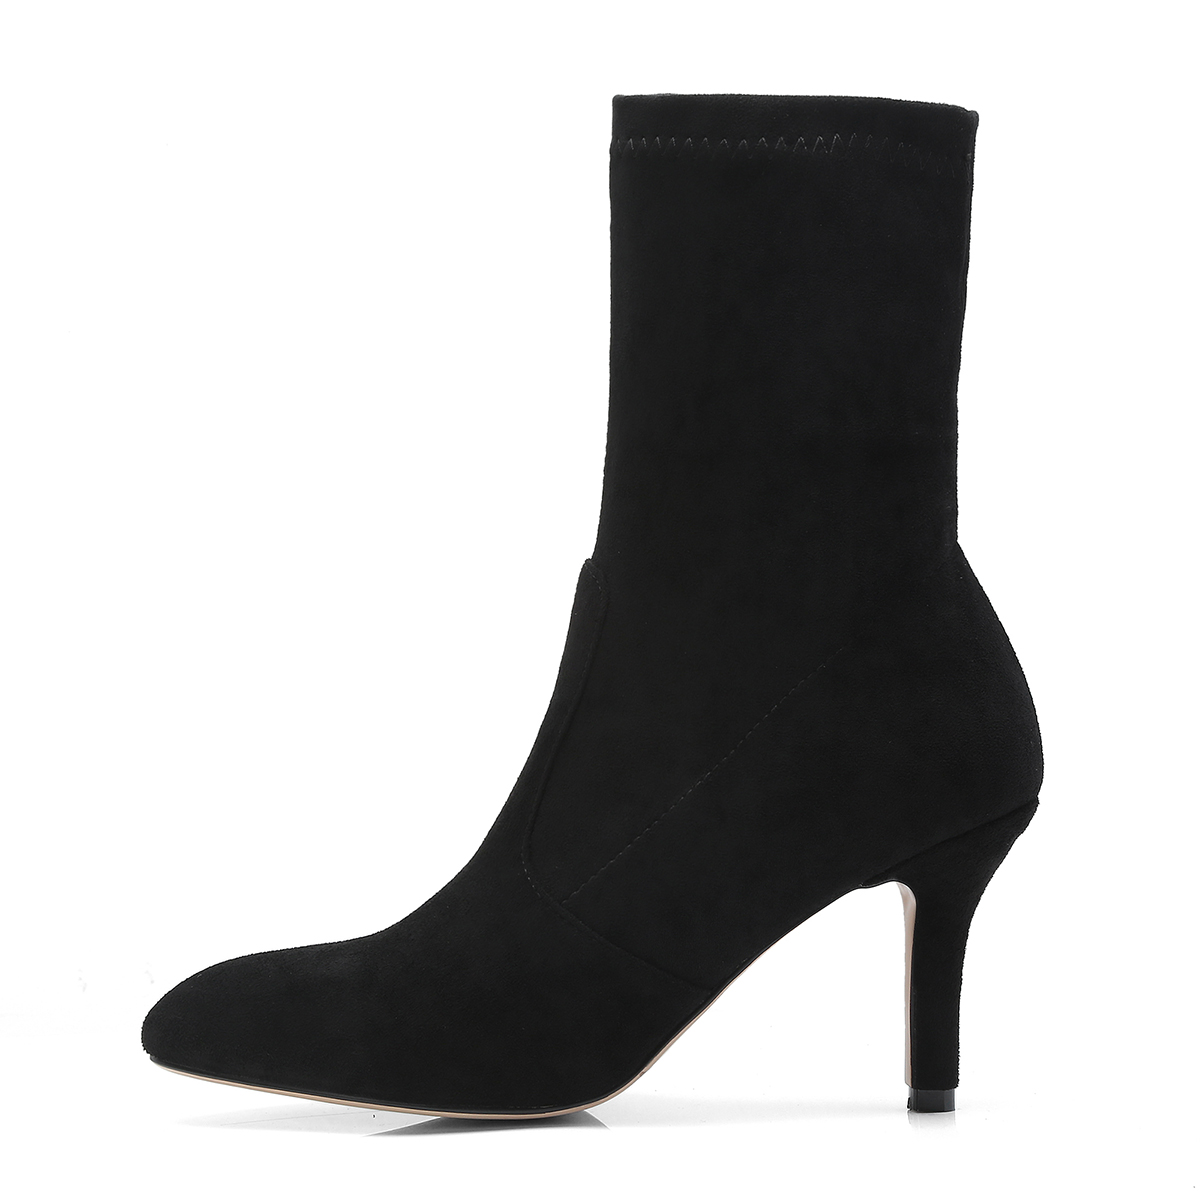 Beige Automne 43 Troupeau Hauts 2018 Femmes Rouge Plus Chaussures Bottes Cheville Talons Mince Mode Hiver Taille Sexy noir Bout À Pointu vin U0q0Pwad